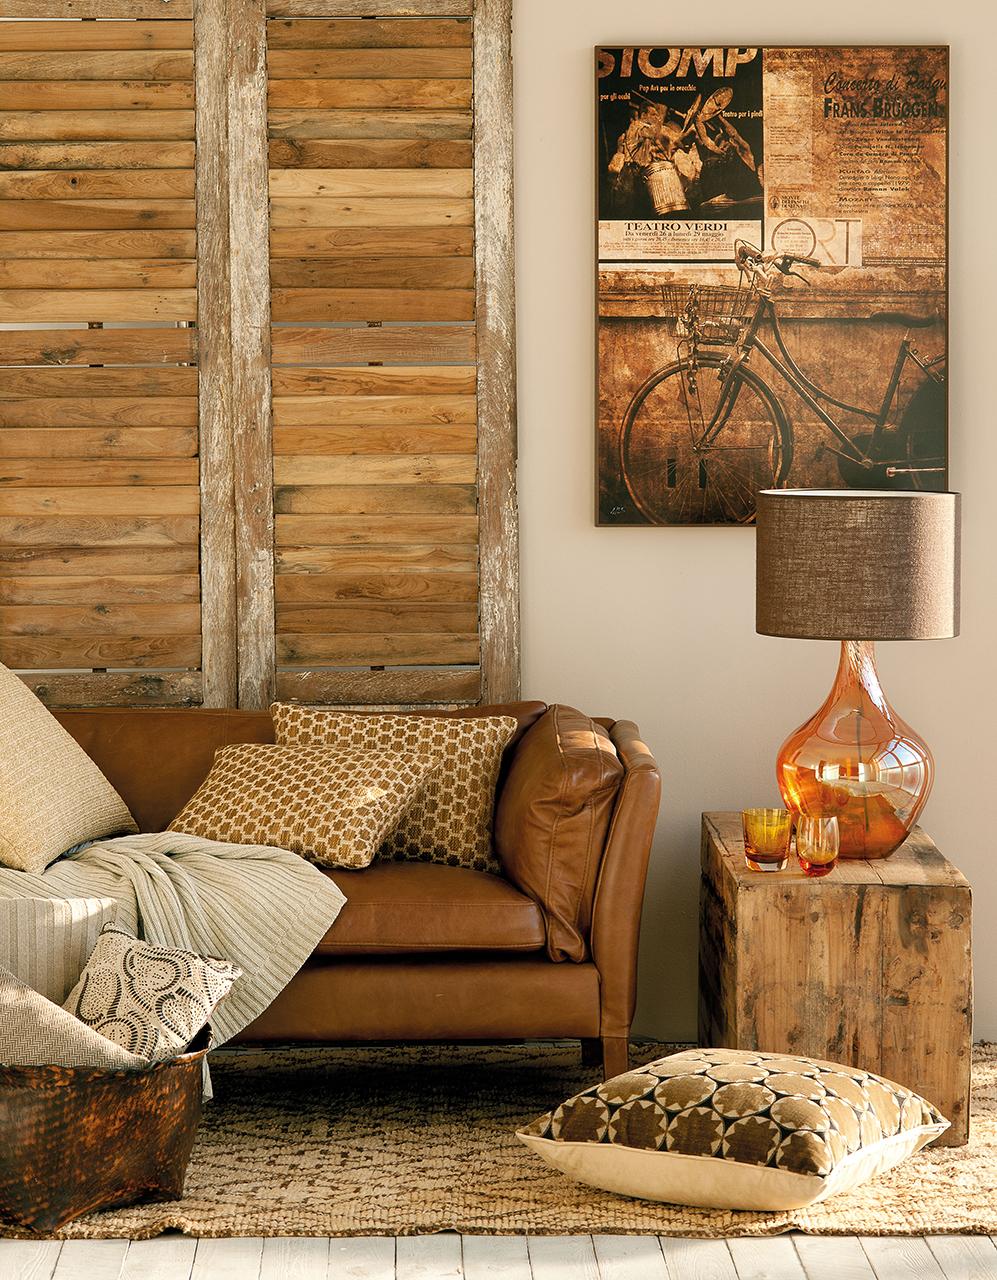 Cu les son tus colores tierra fuego aire o agua - Elementos de decoracion ...